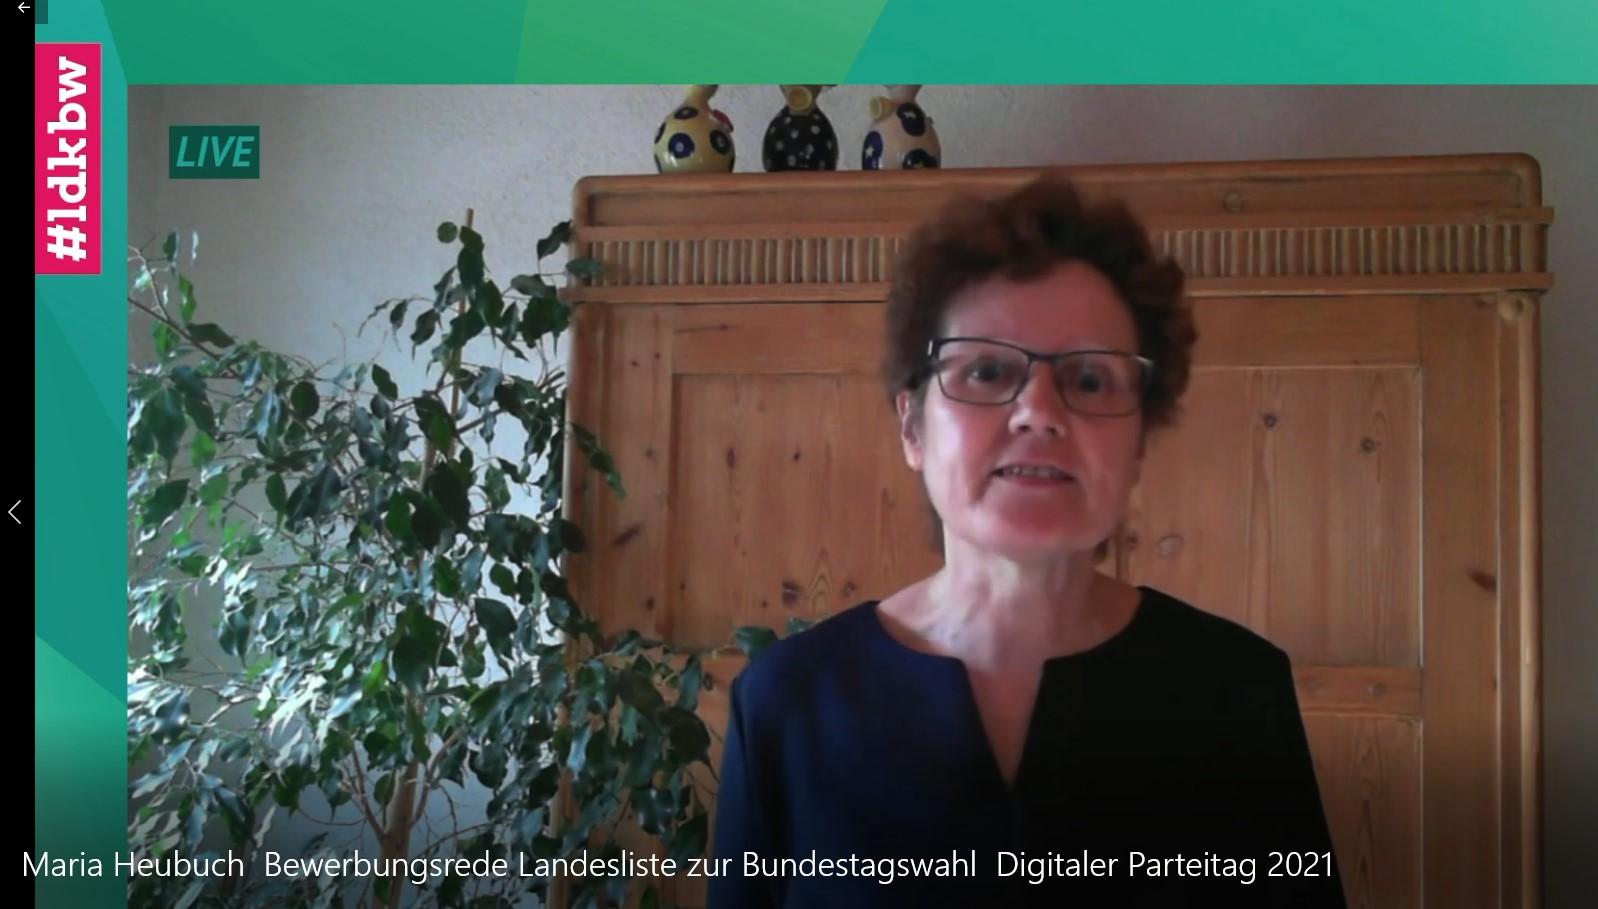 Maria Heubuch, die Bundestagskandidatin unseres südlichen Landkreises auf die Landesliste gewählt